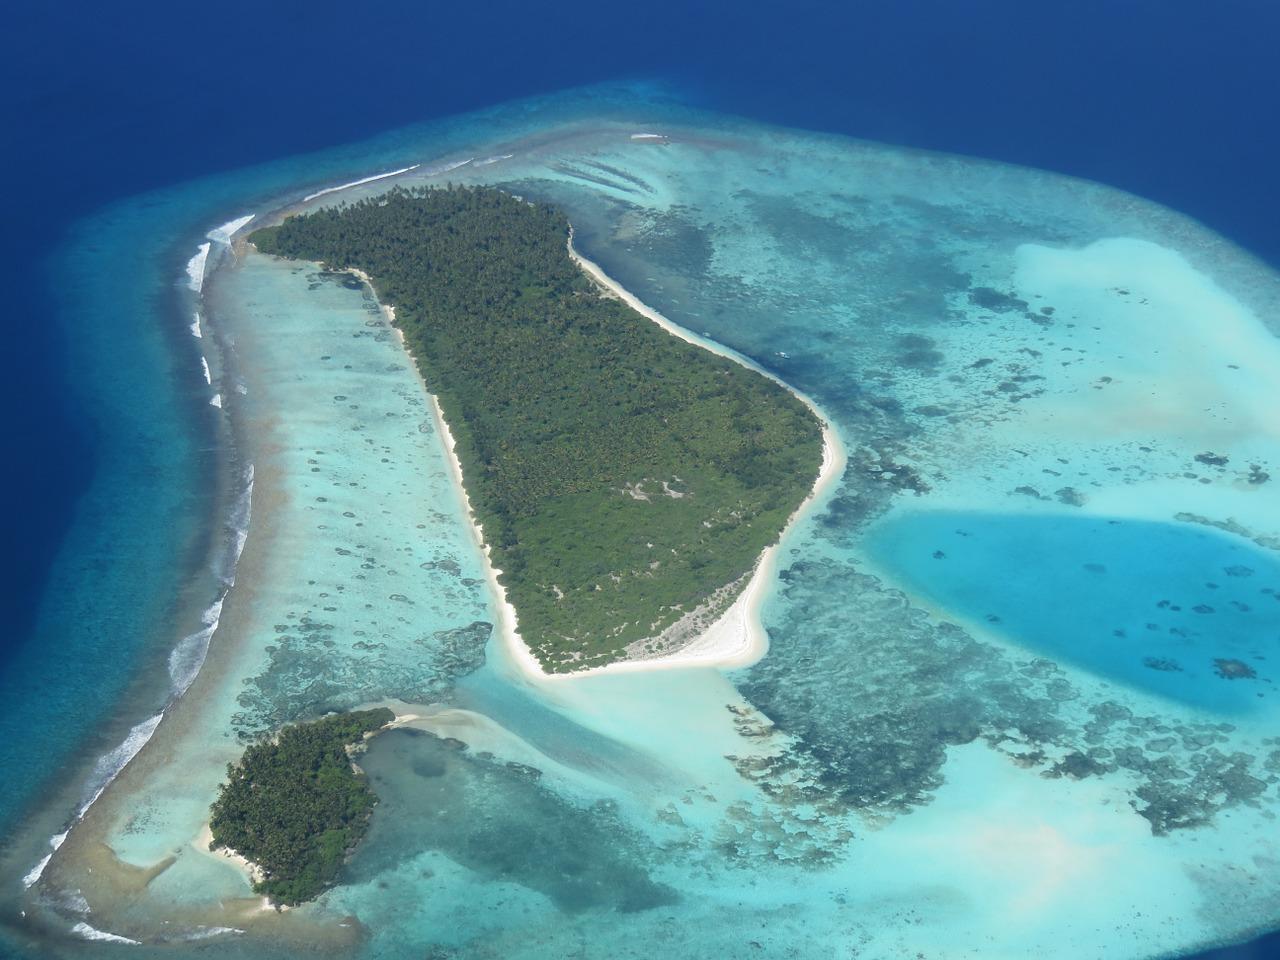 أكثر الجزر المرجانية سحراً في العالم